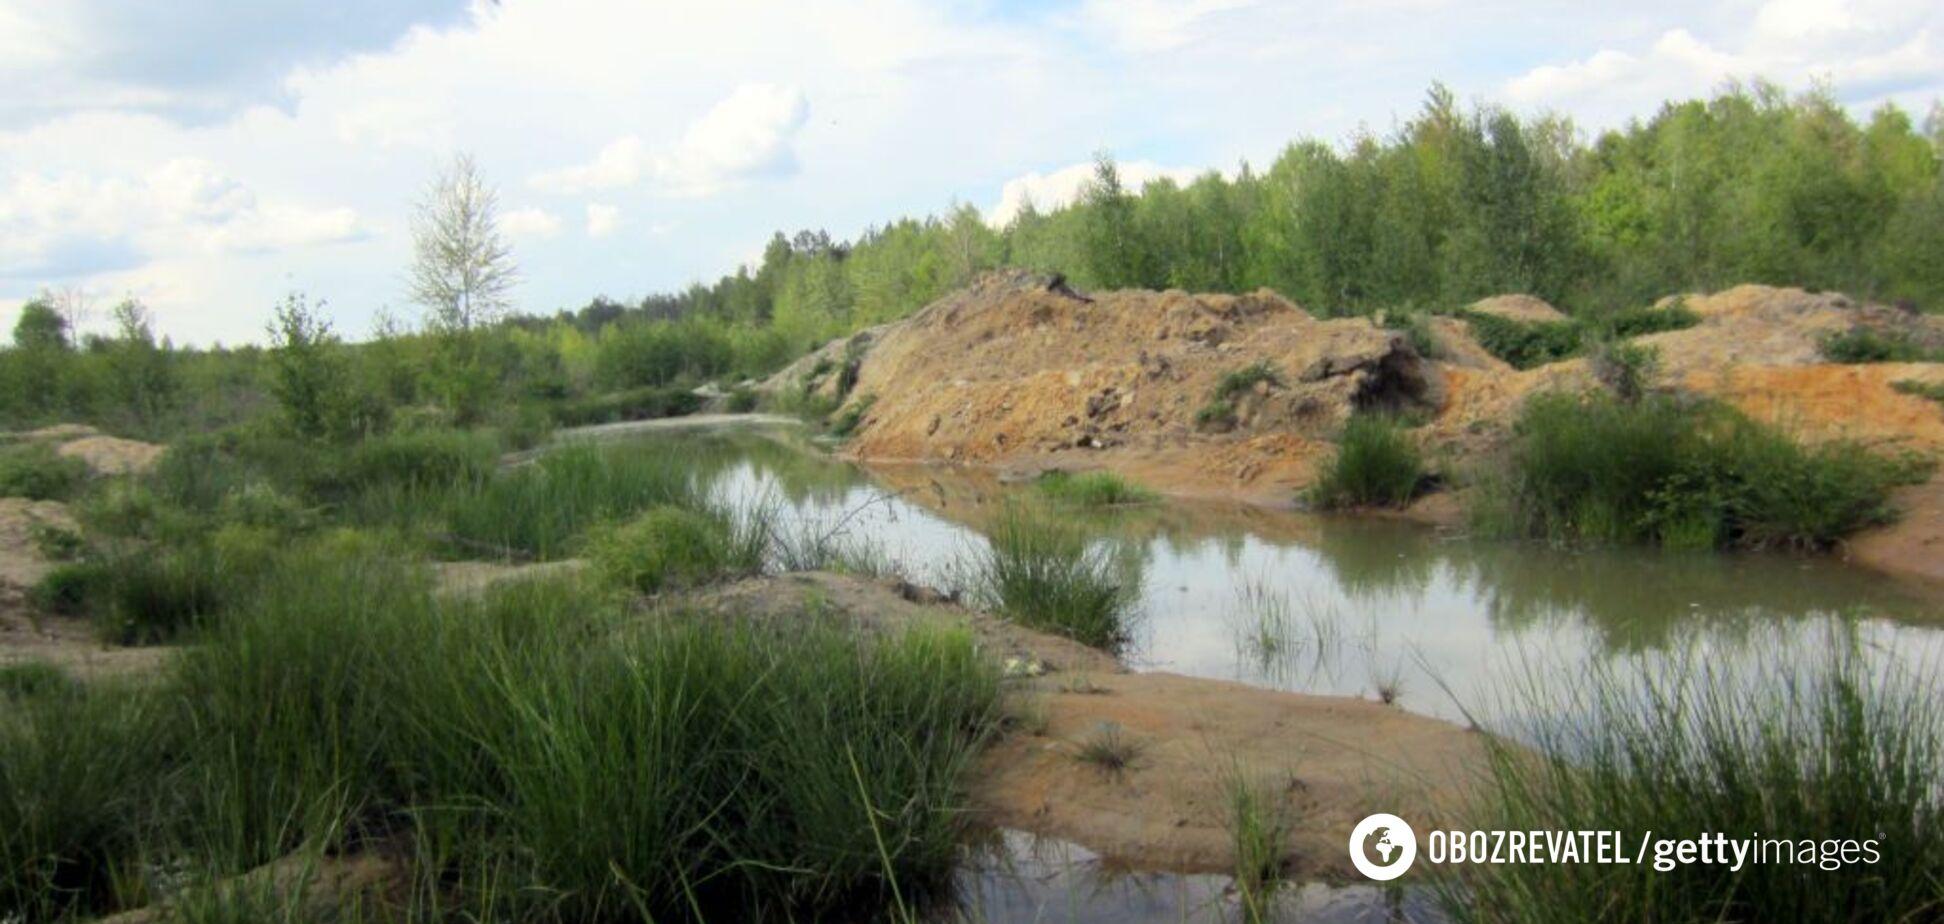 'Получим лунные ландшафты': копателей янтаря обвинили в экологической катастрофе на западе Украины